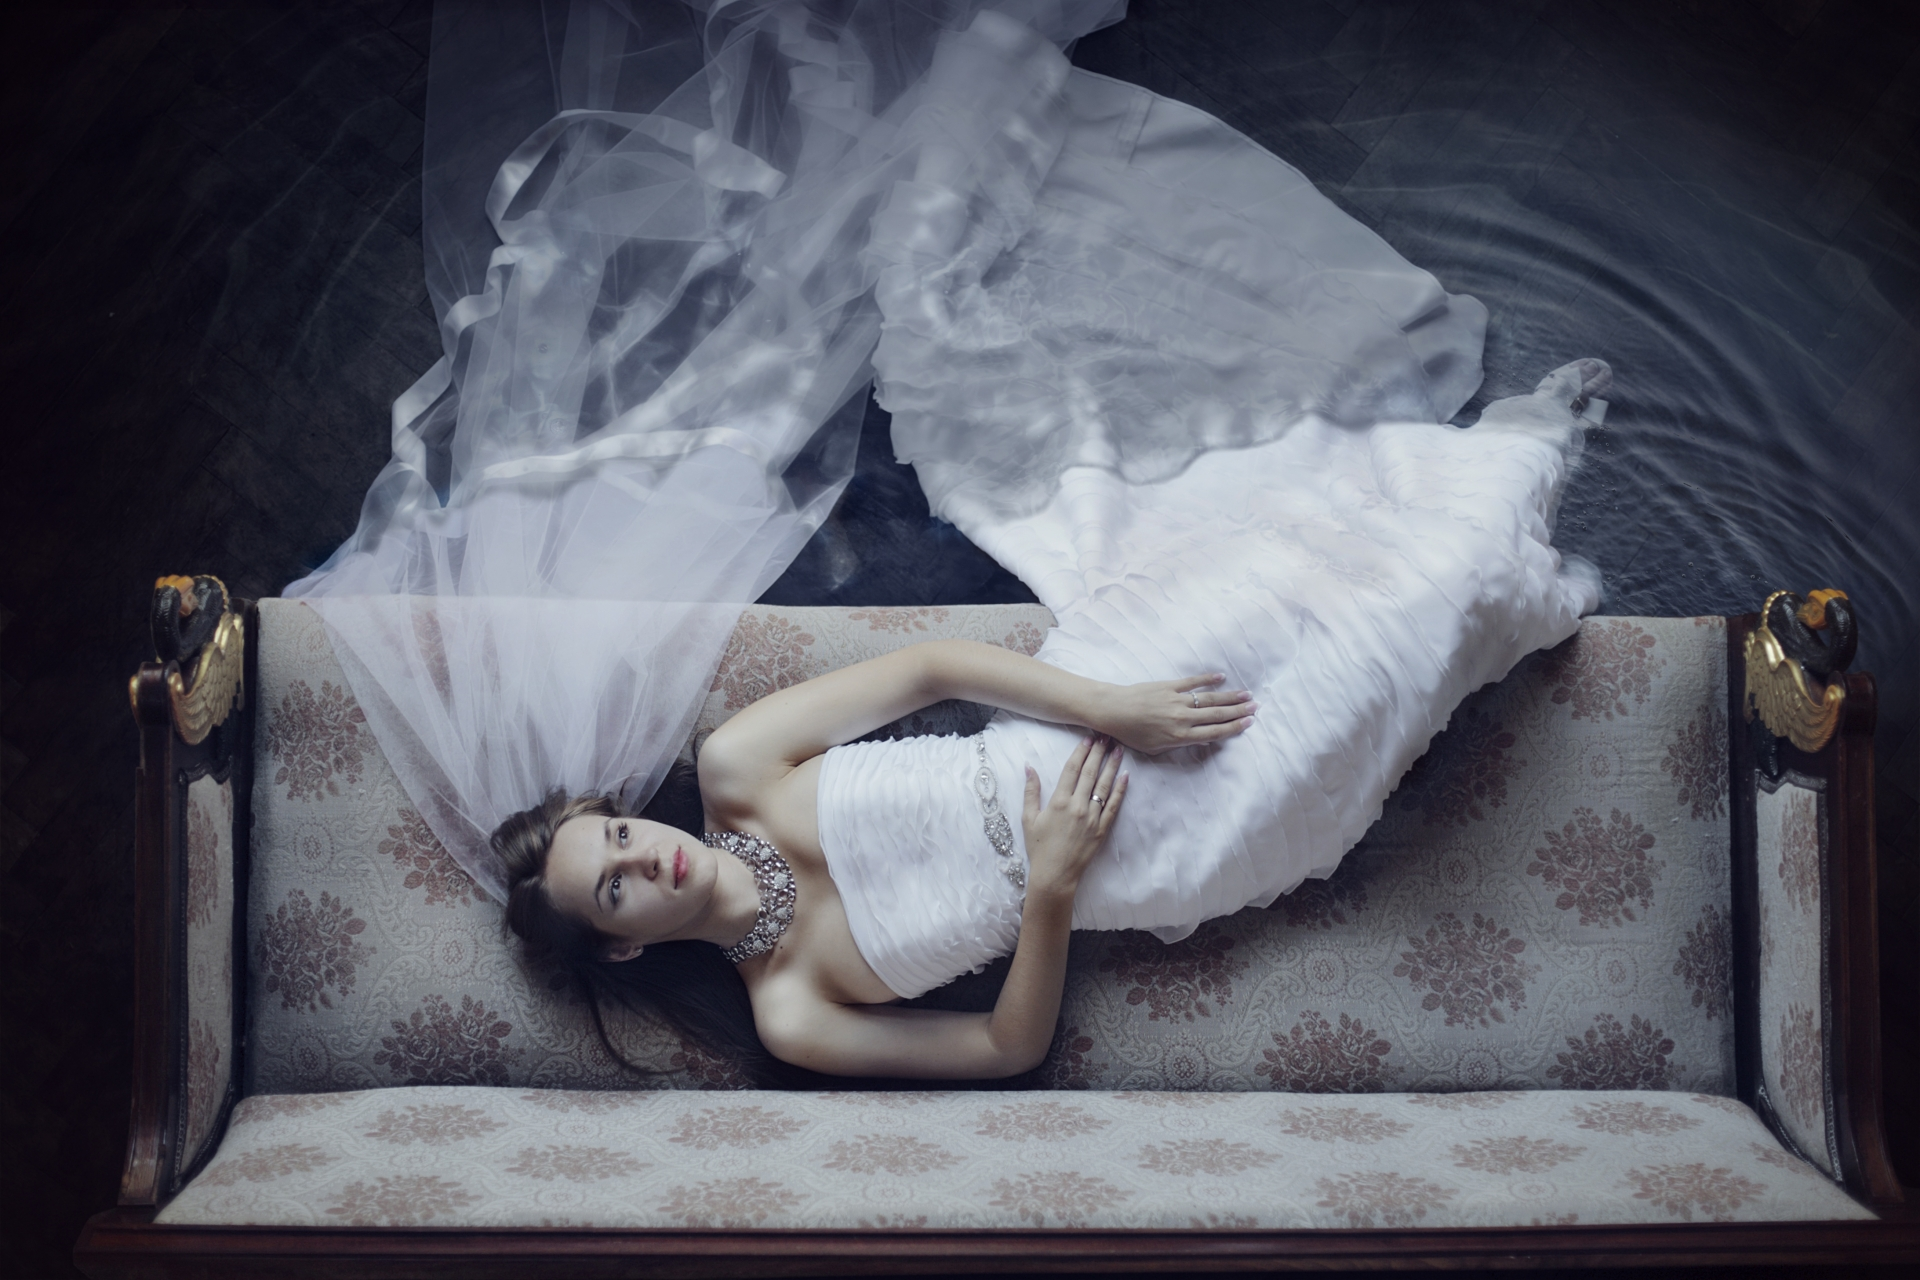 ドレスでソファに寝る女性